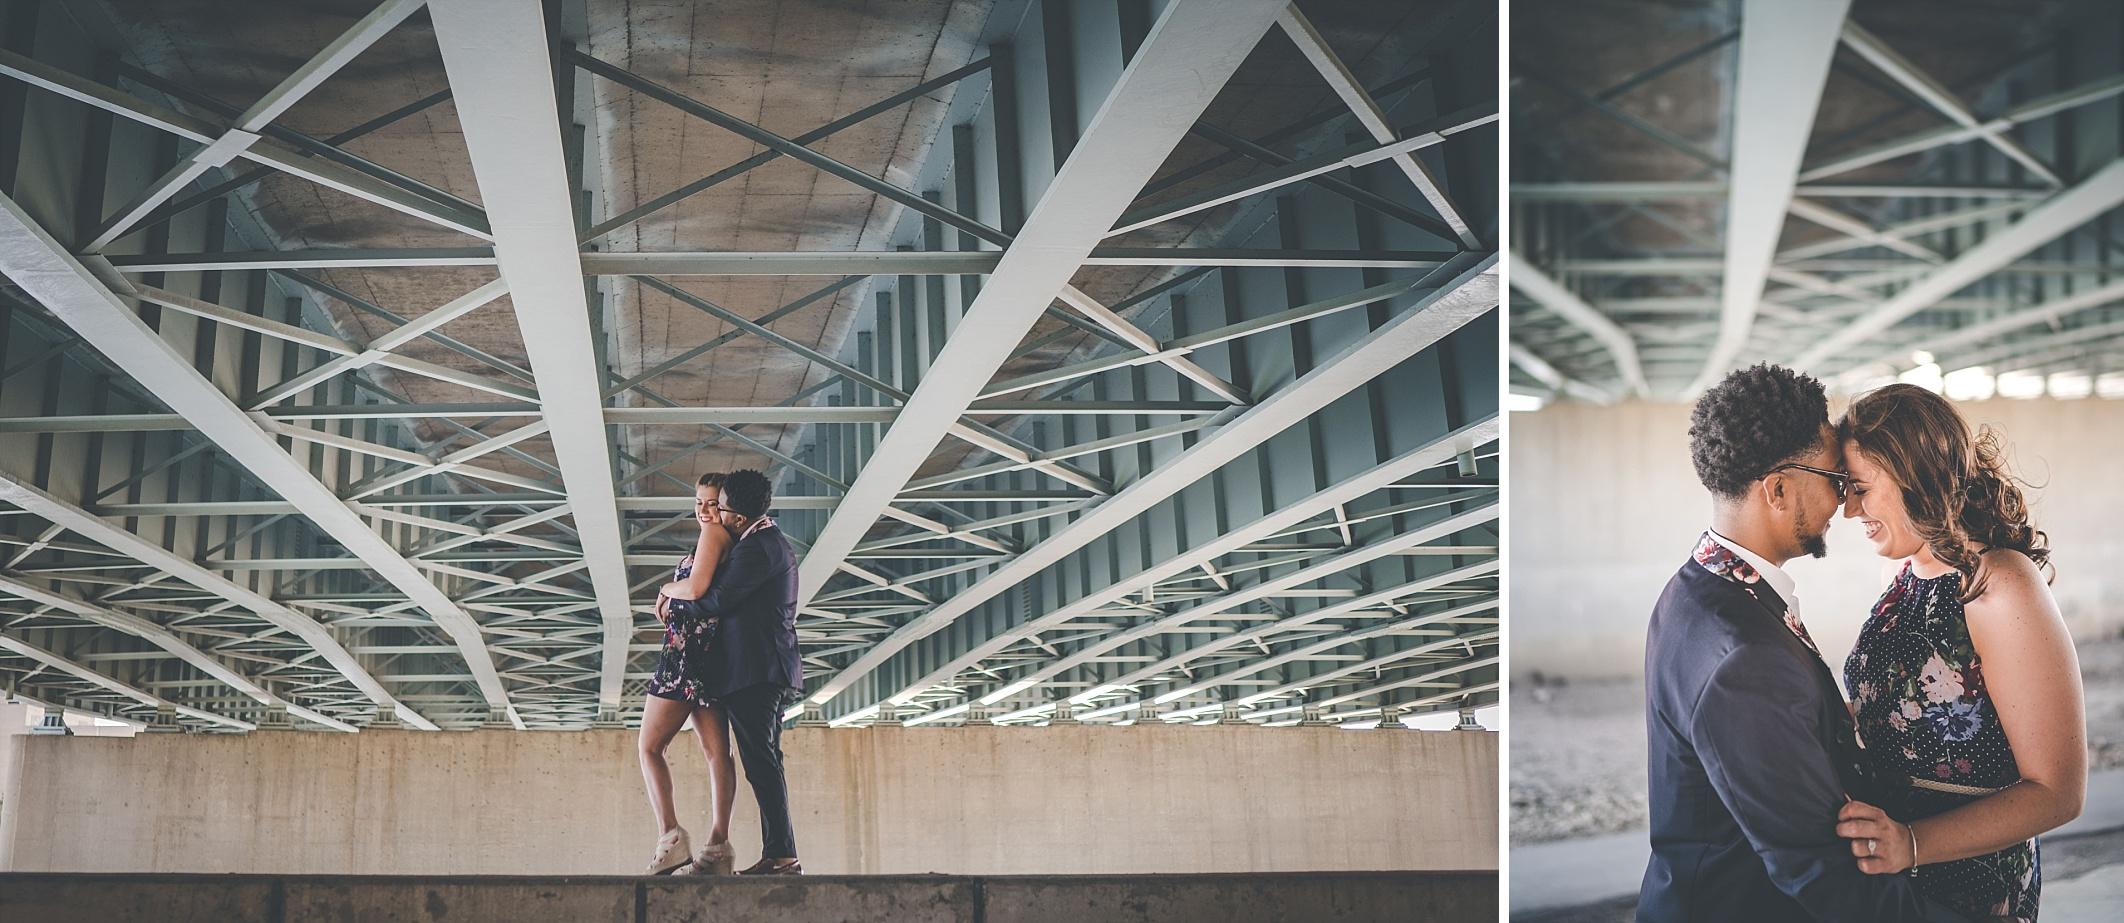 sydney-dayton-engagement--photographer-dayton-ohio_0008.jpg